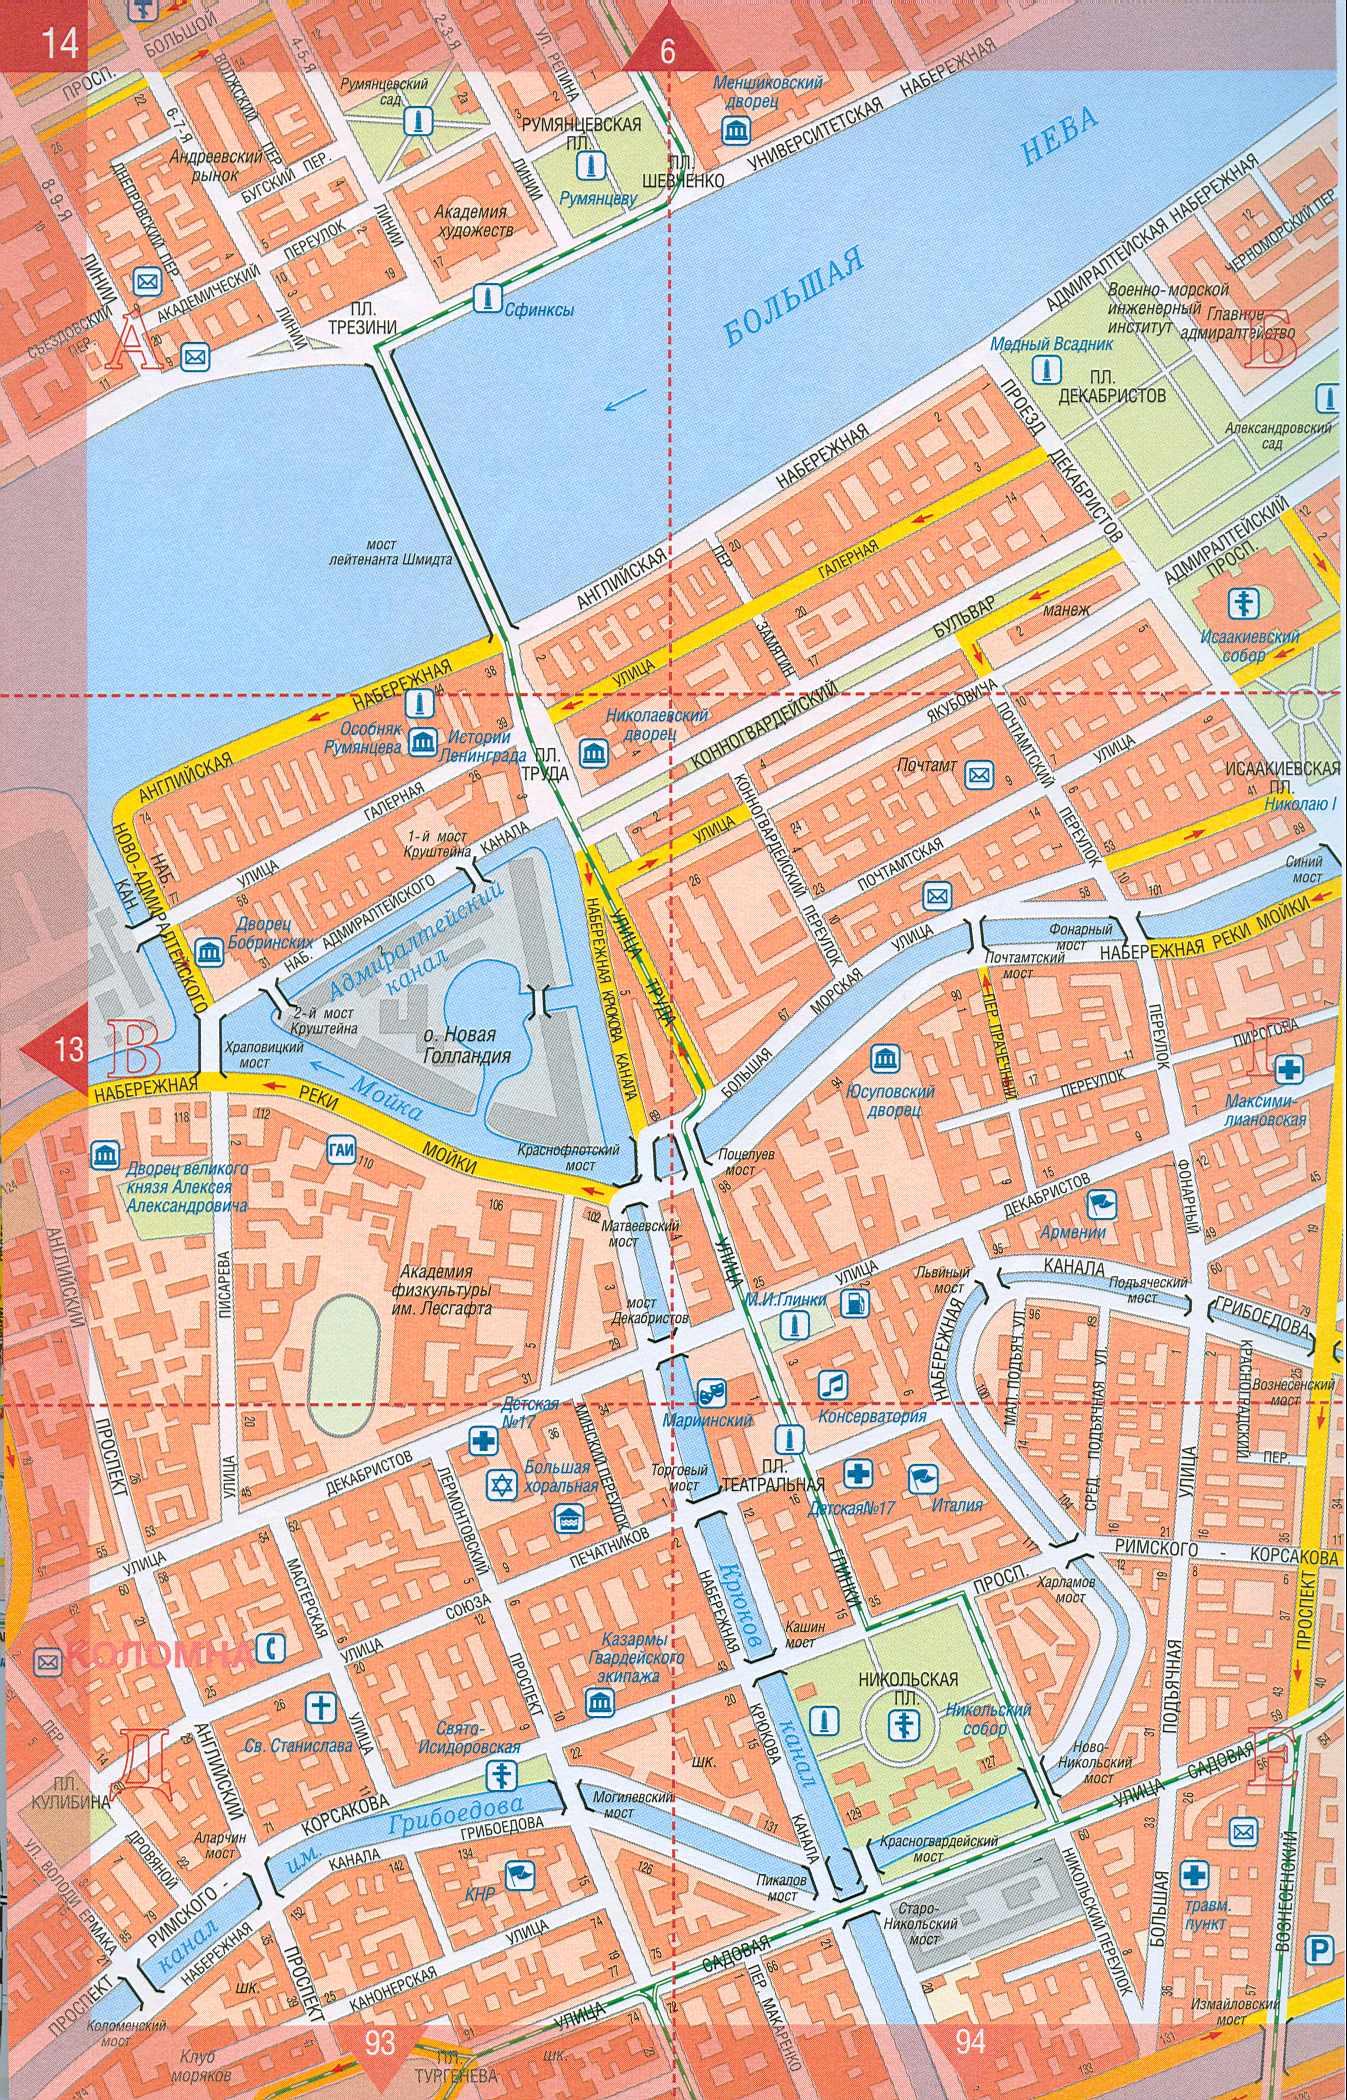 Карта Санкт Петербурга (центр города). Подробная карта СПБ ...: http://map-auto.ru/map265296_1_2.htm